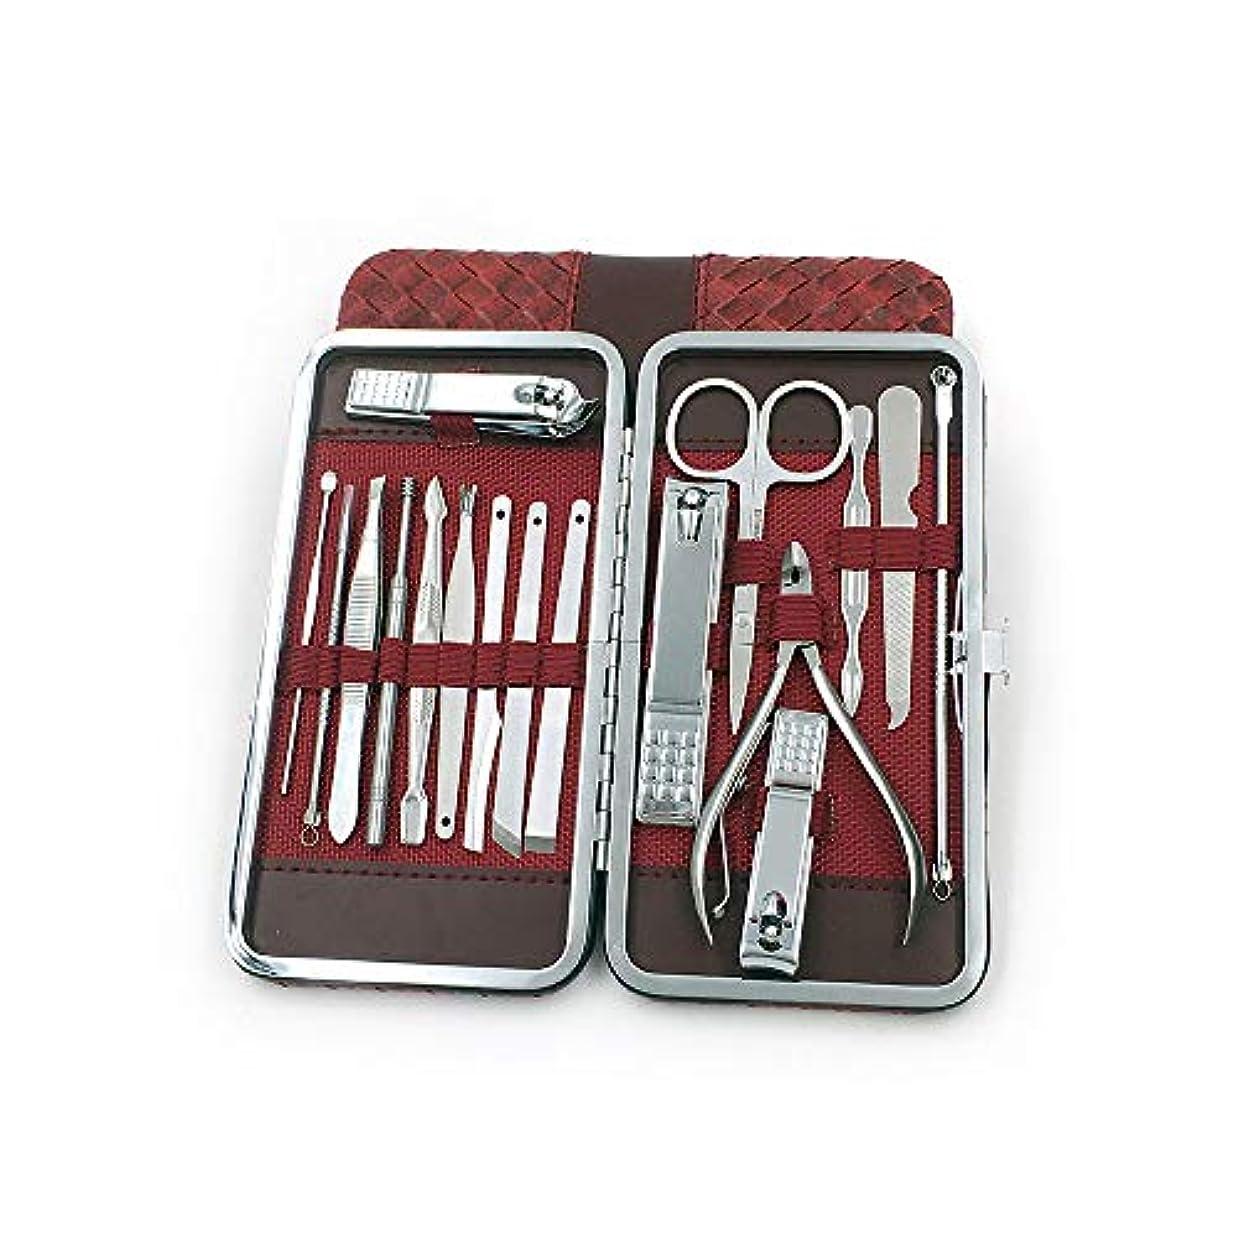 リビングルーム追記自発ステンレス爪切りセット携帯便利男女兼用 爪切りセット収納ケース付き、赤、16点セット